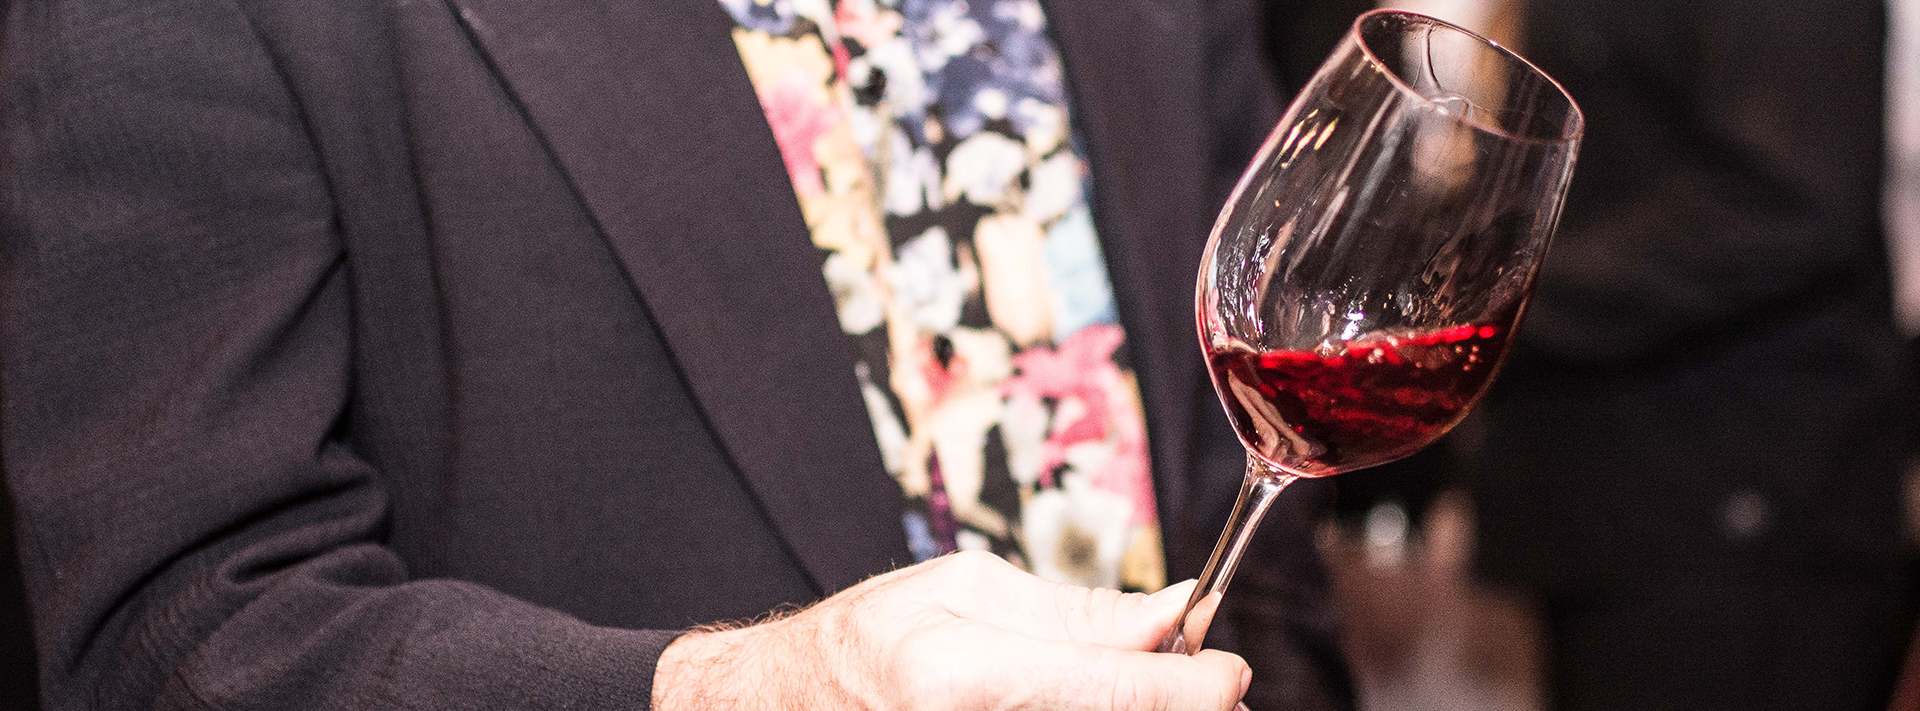 Drink Seminar: Top Value Wines